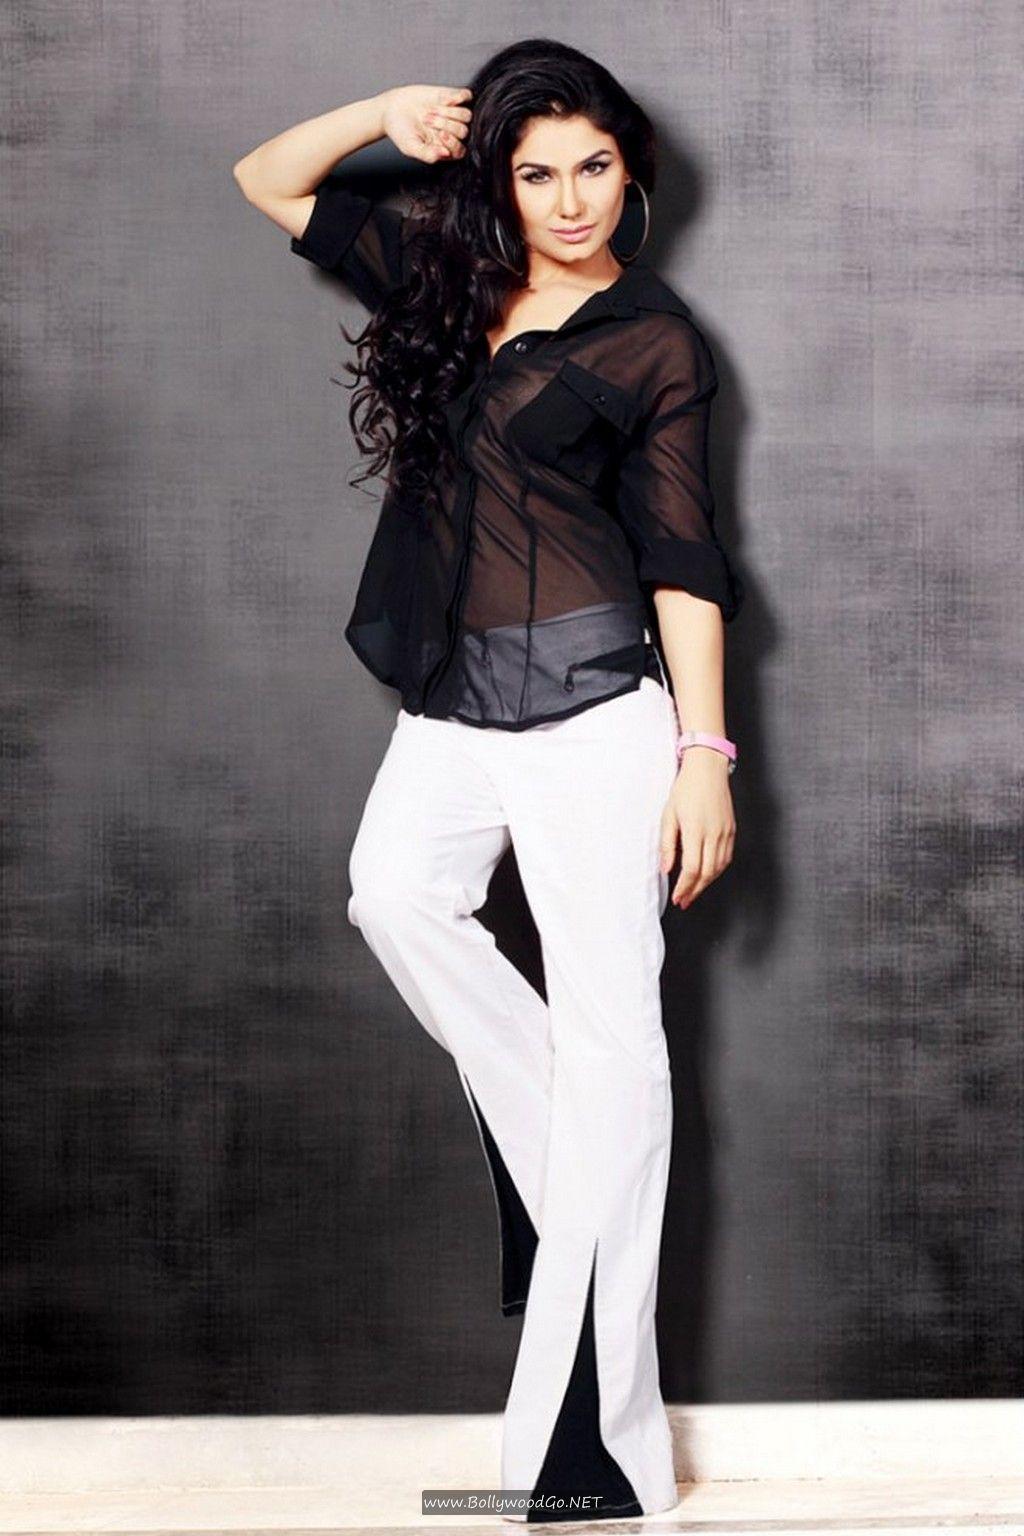 Kangana Sharma Hot Images in Black Shirt And White Pent Kangana-Sharma-Hot-Images-7